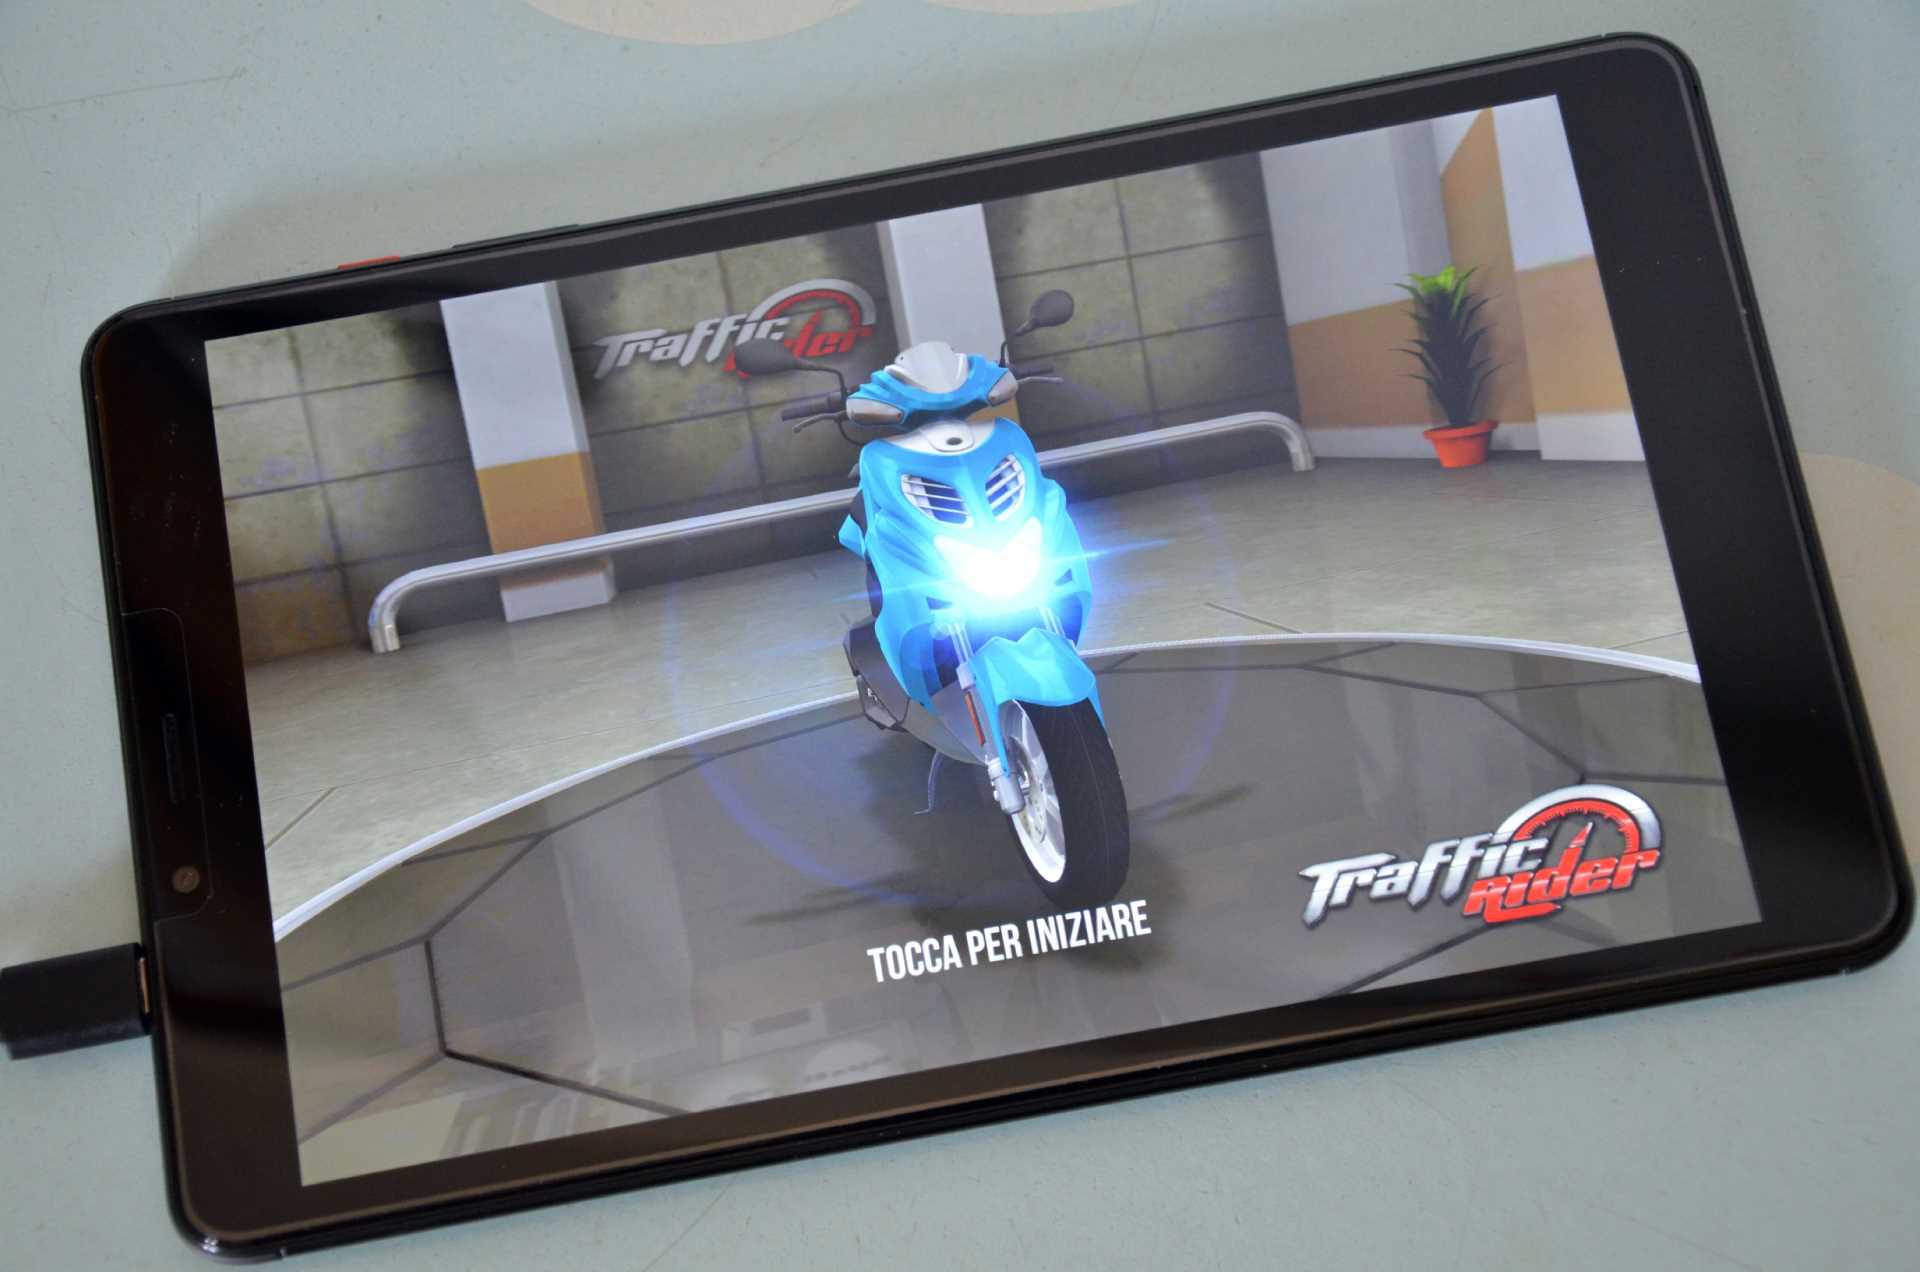 Chuwi Hi9 Pro gaming giochi Traffic Rider